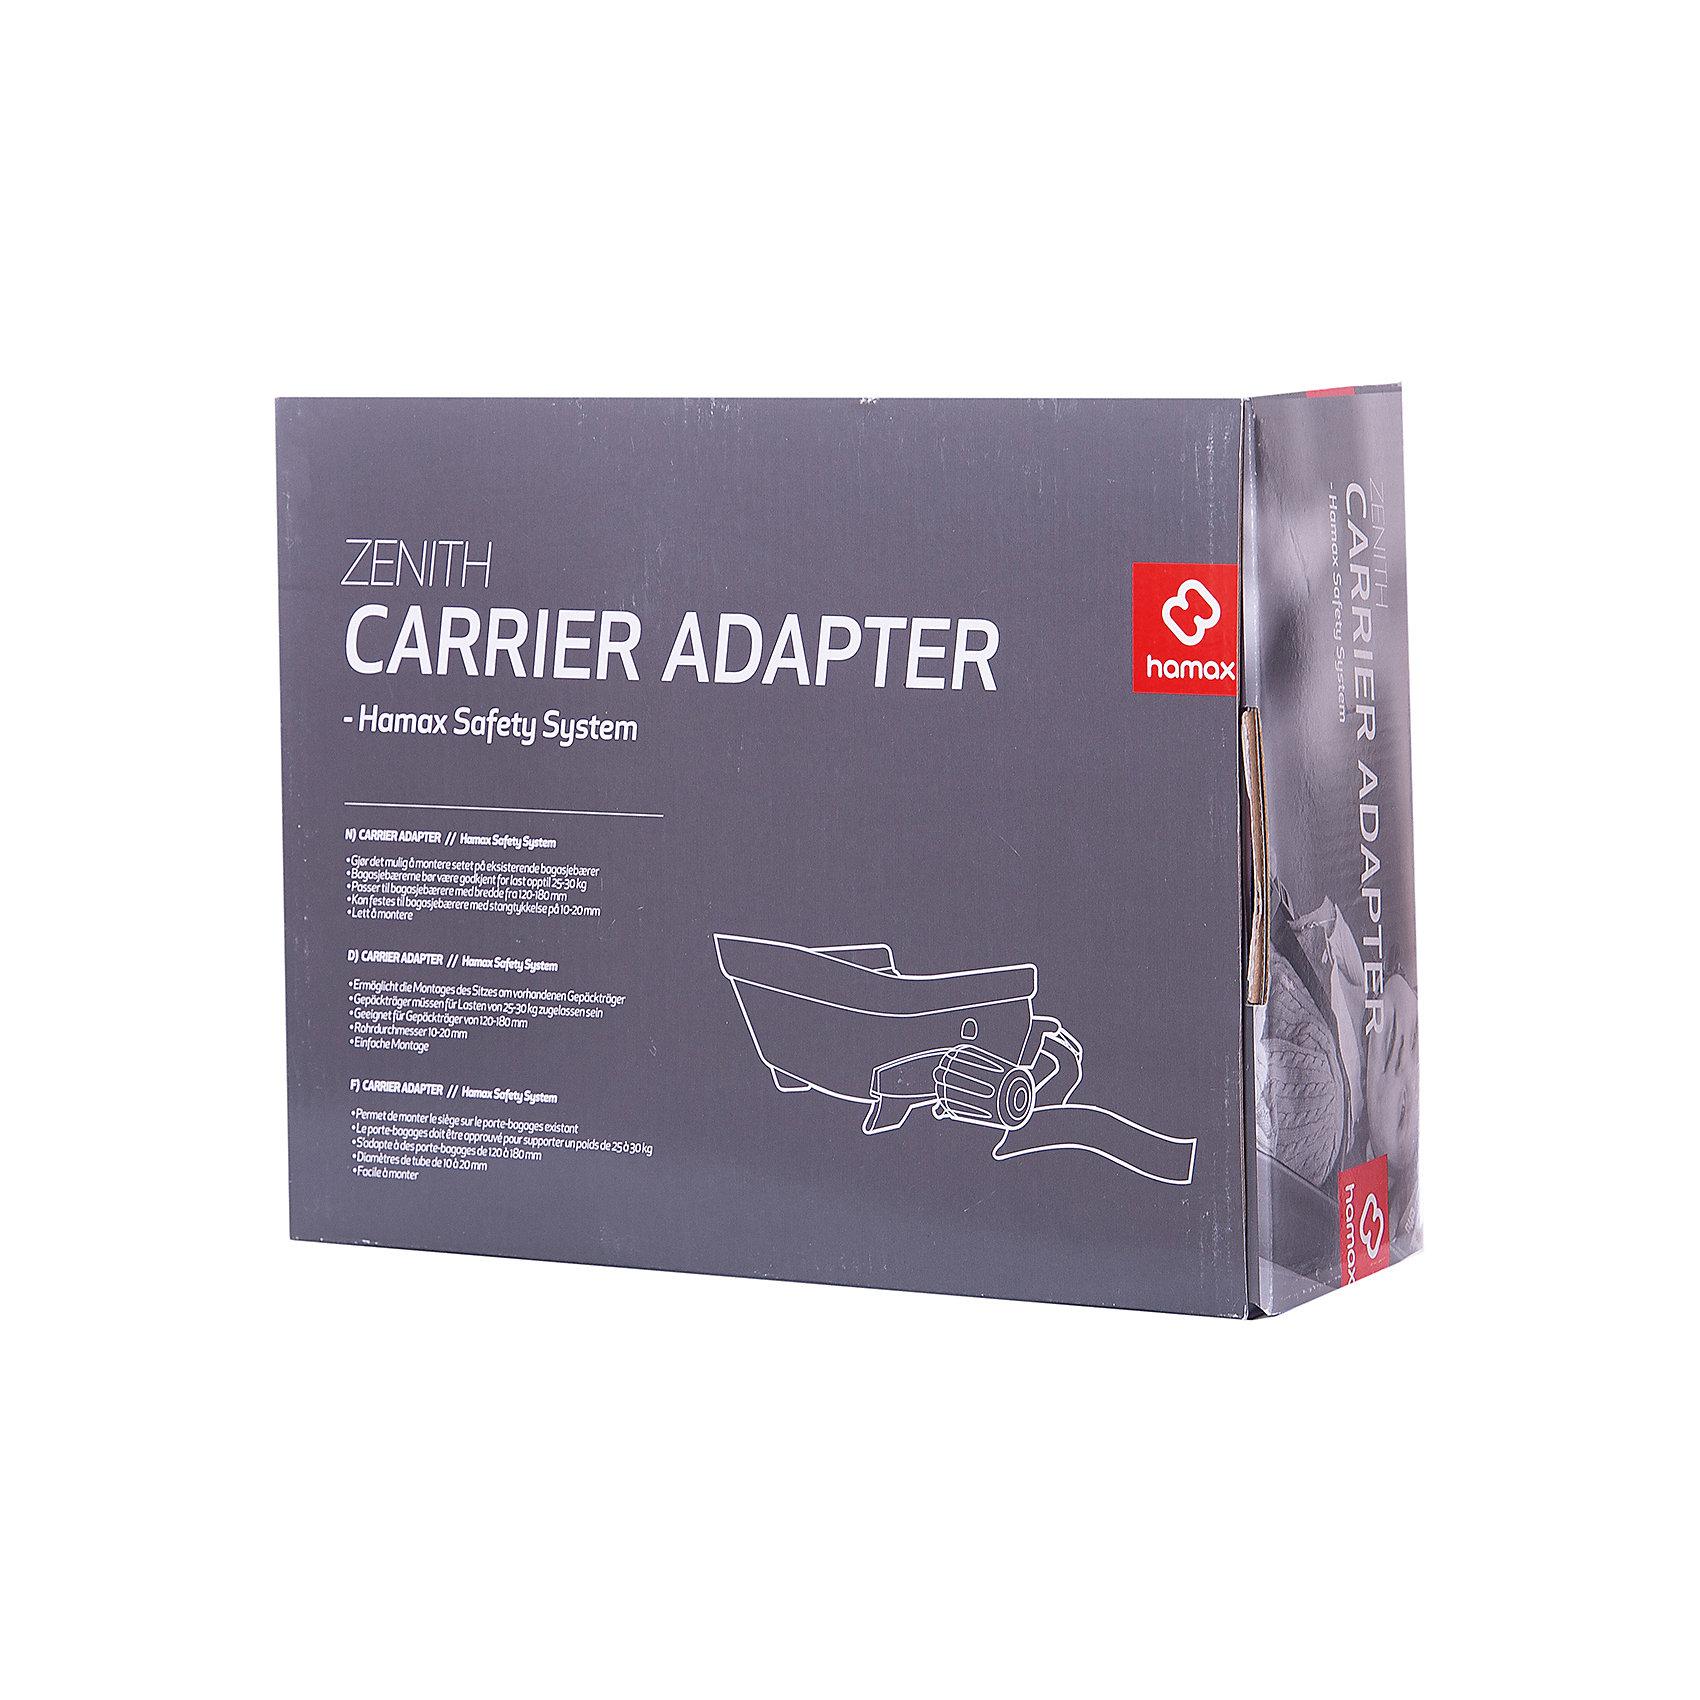 Фото 4 - Адаптер для крепления на багажник Caress Zenith Carrier Adapter, Hamax, серый